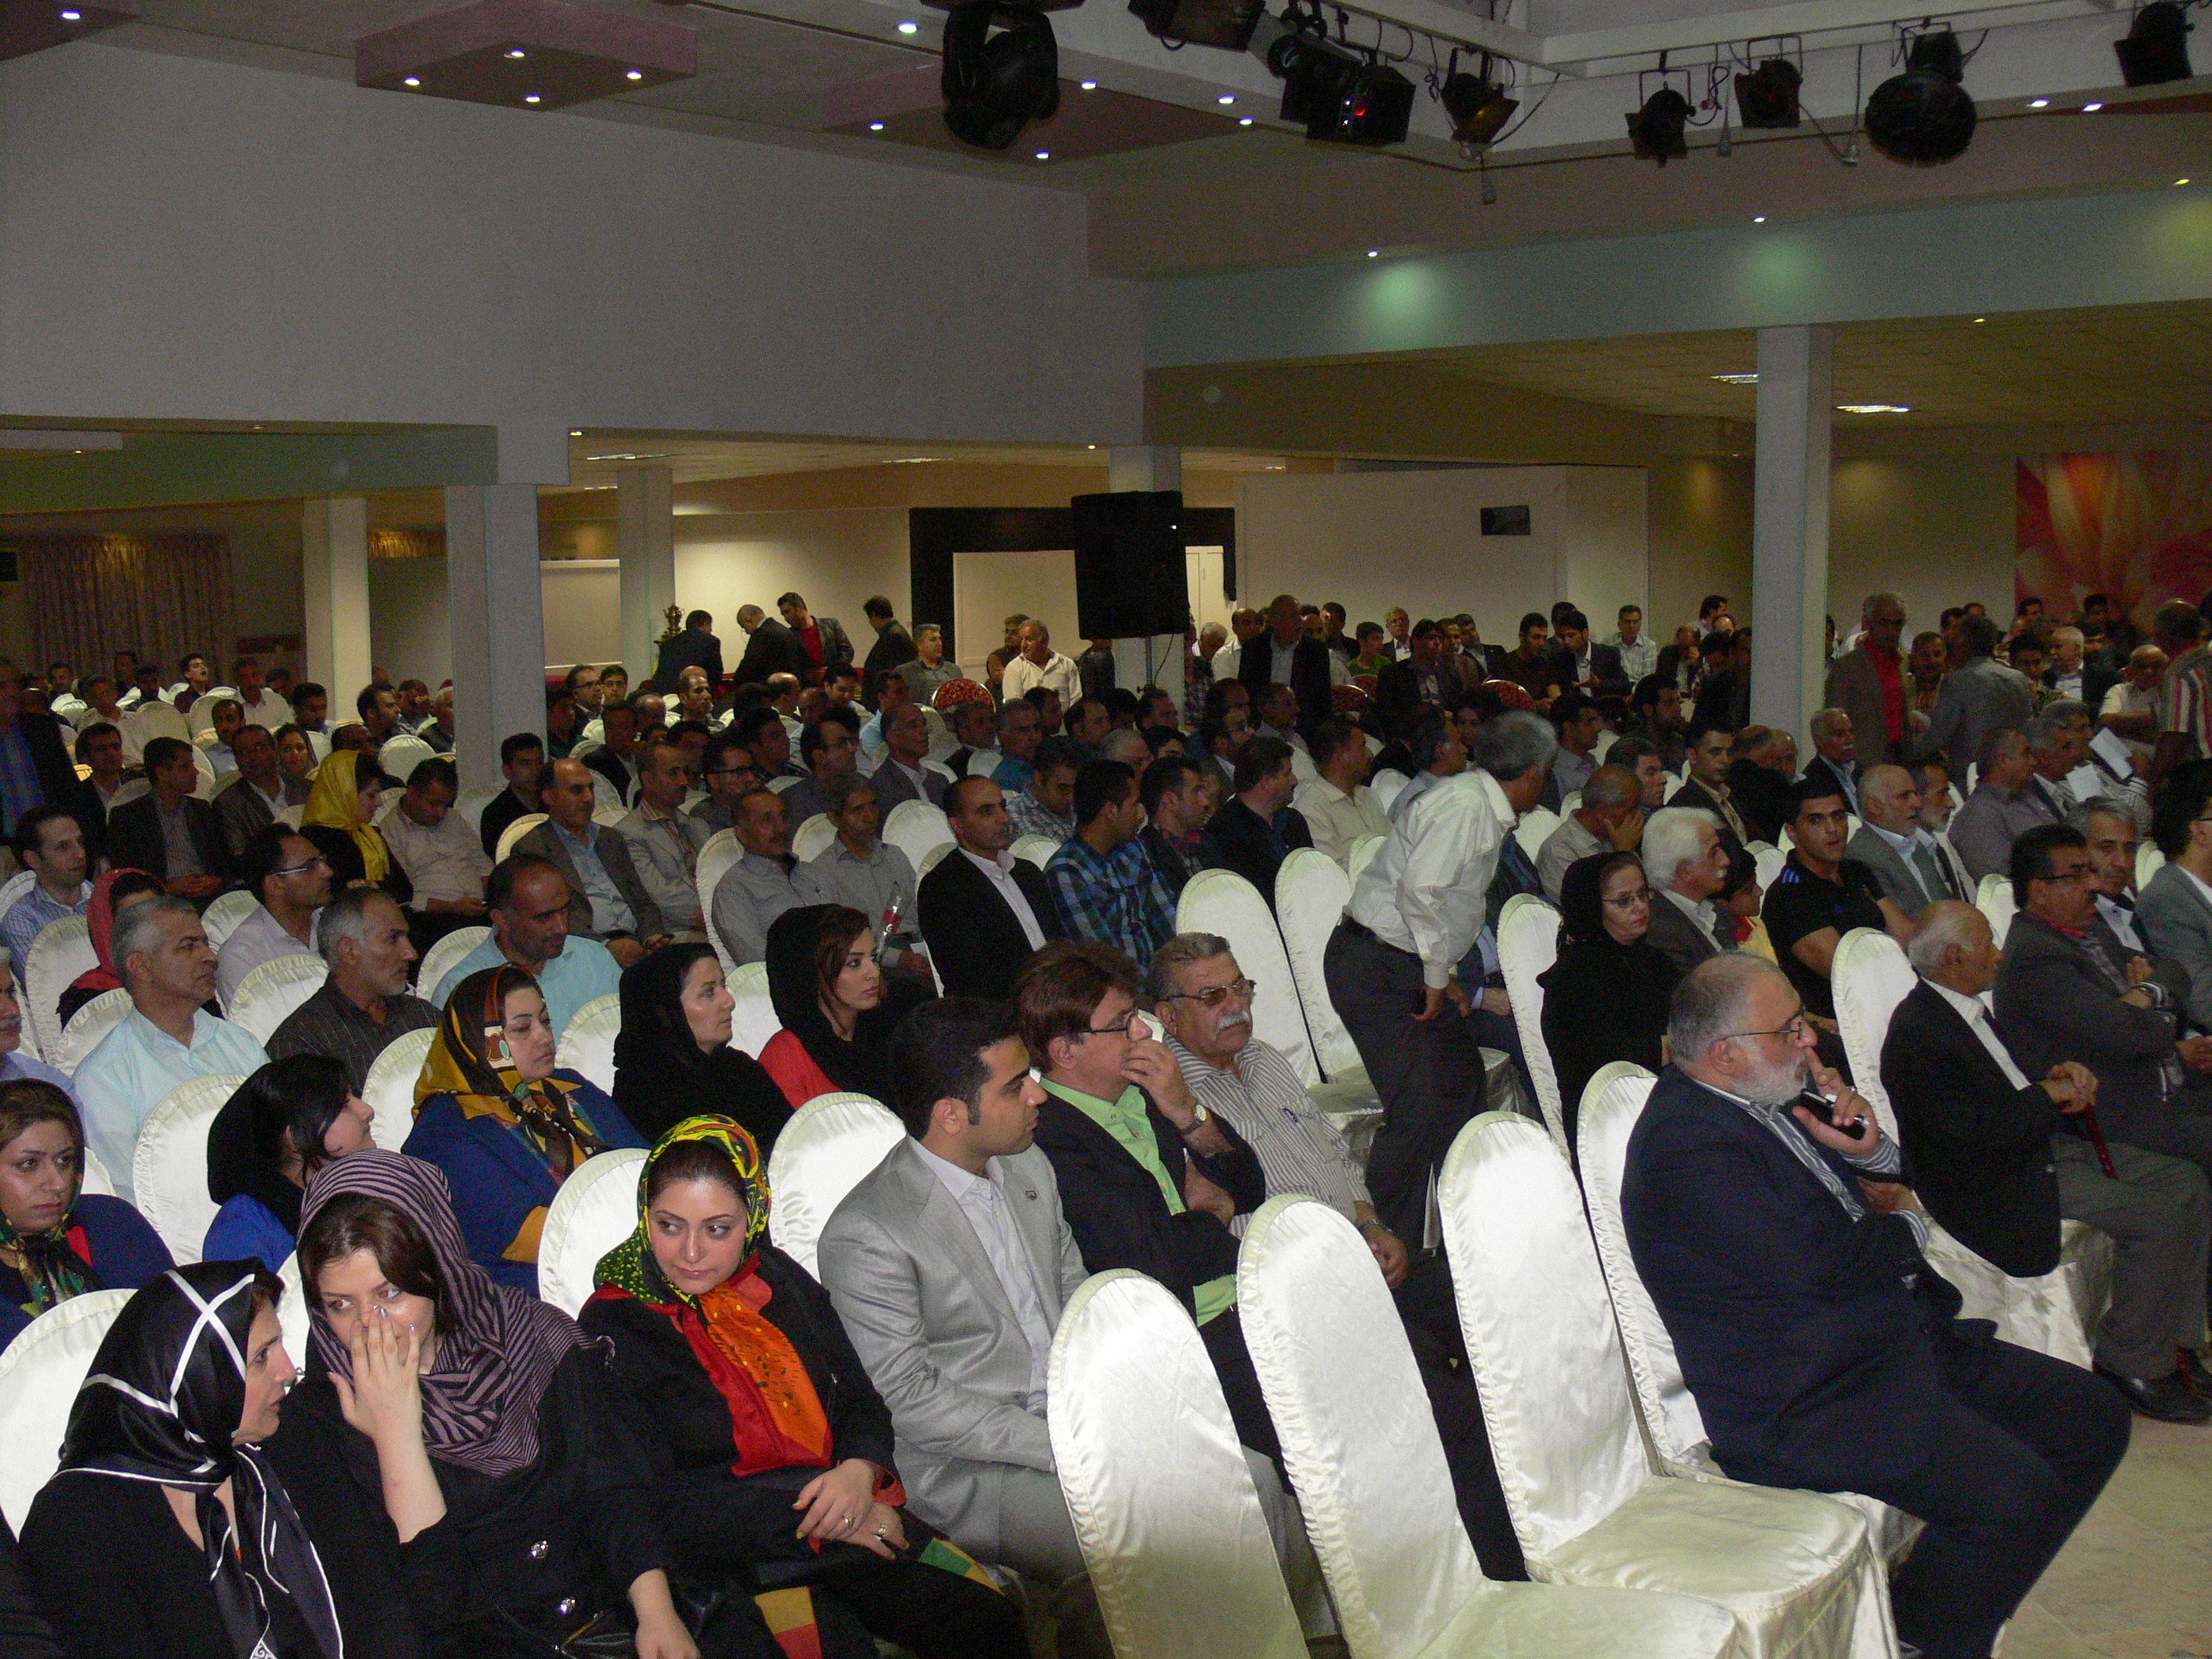 حضور پرشور خیرین در همایش های سالانه ی مجمع-مرداد ۹۲